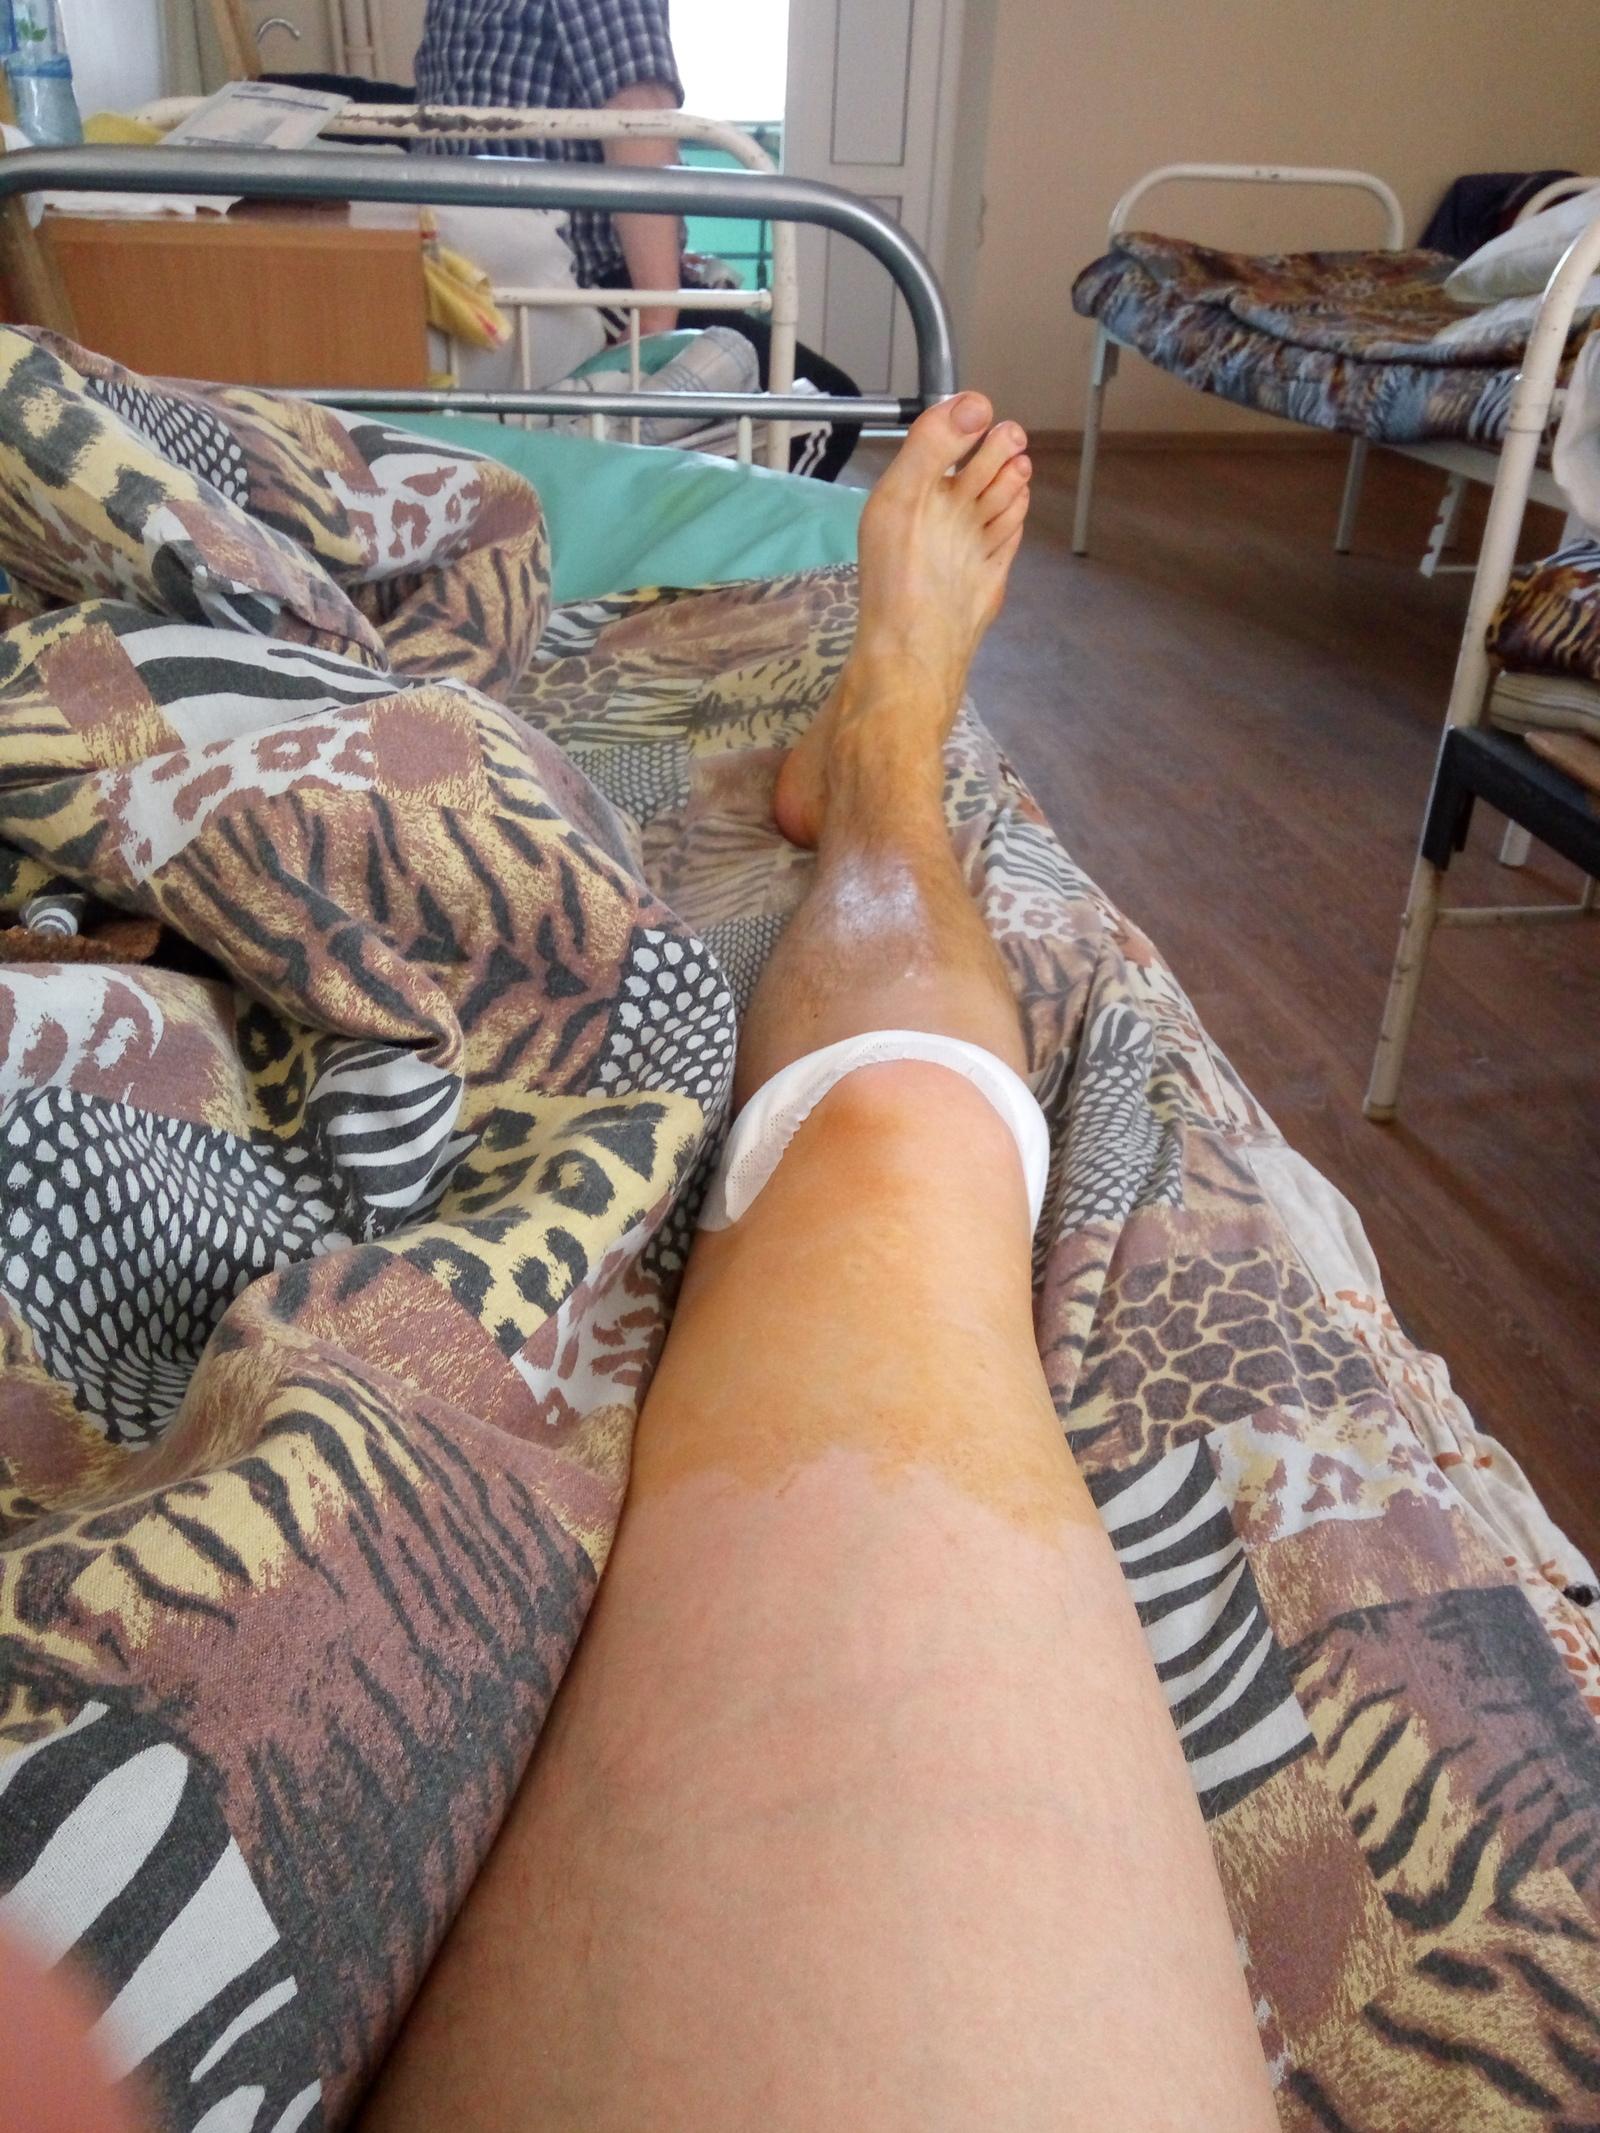 Цены на операцию удаления экзостоза с коленного сустава евпаторий лечение суставов и позвоночника